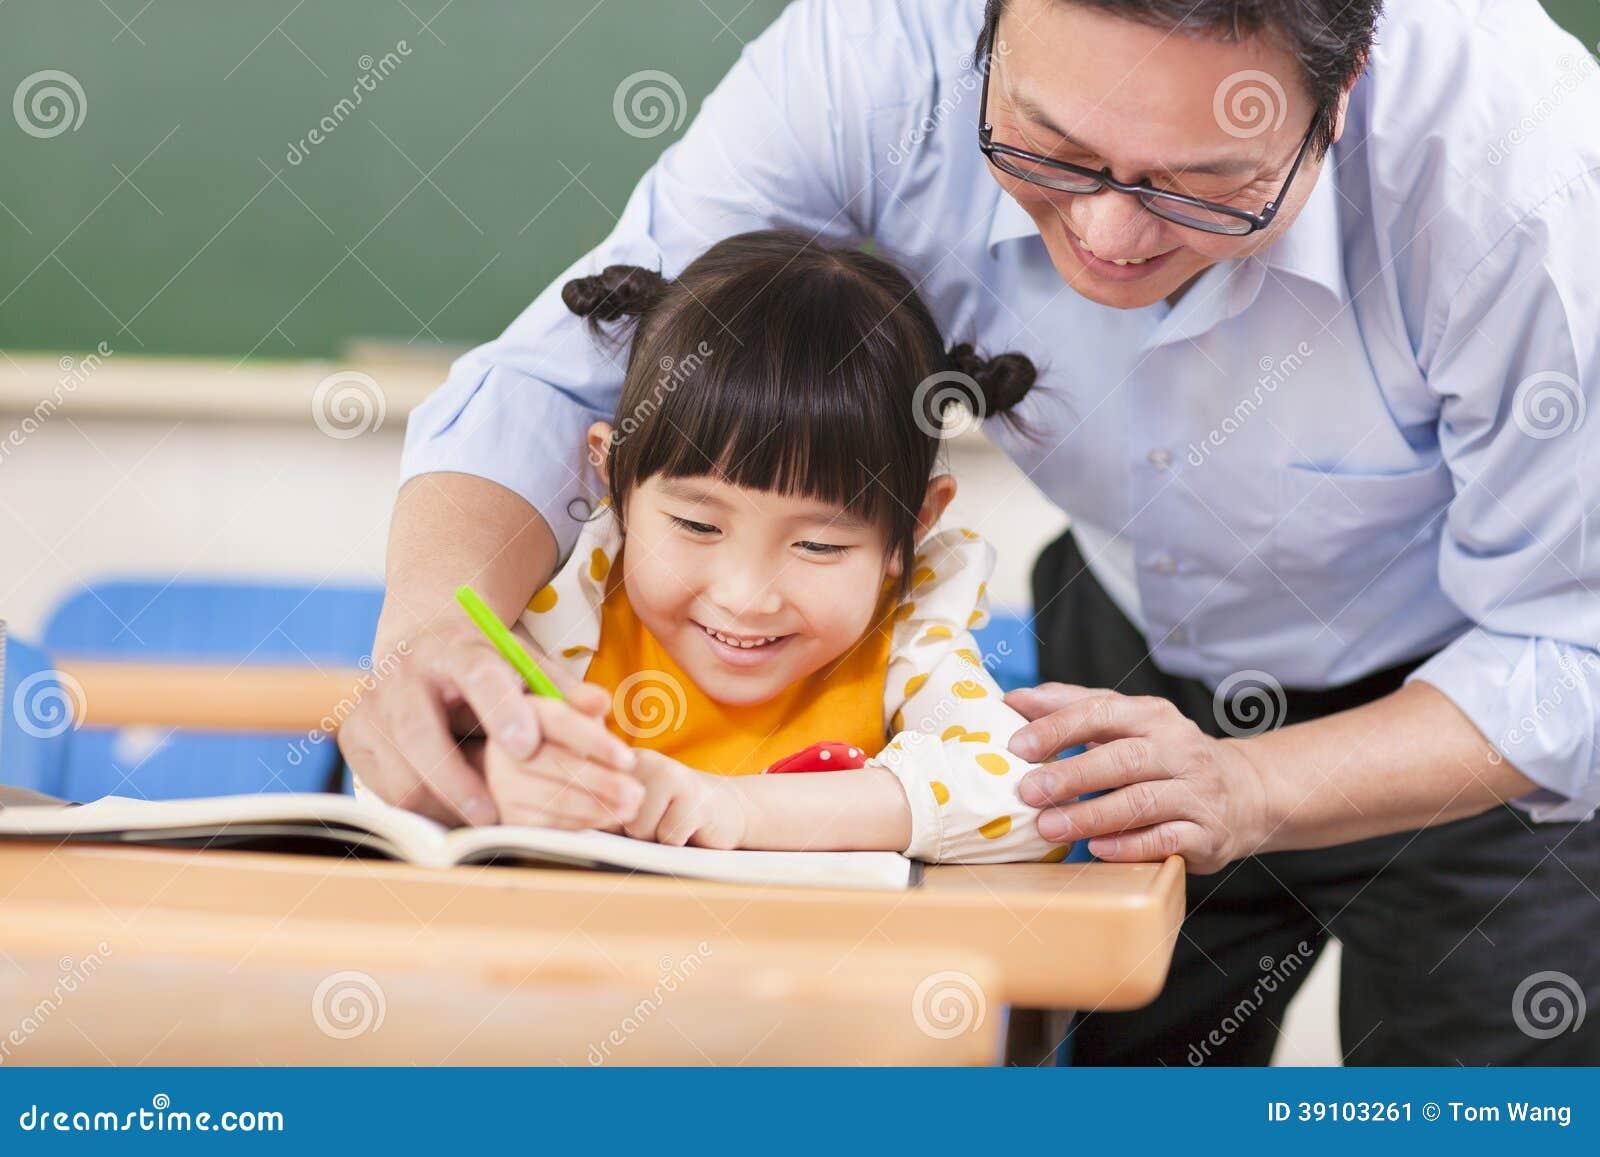 De leraar onderwijst een student aan het gebruiken van een potlood